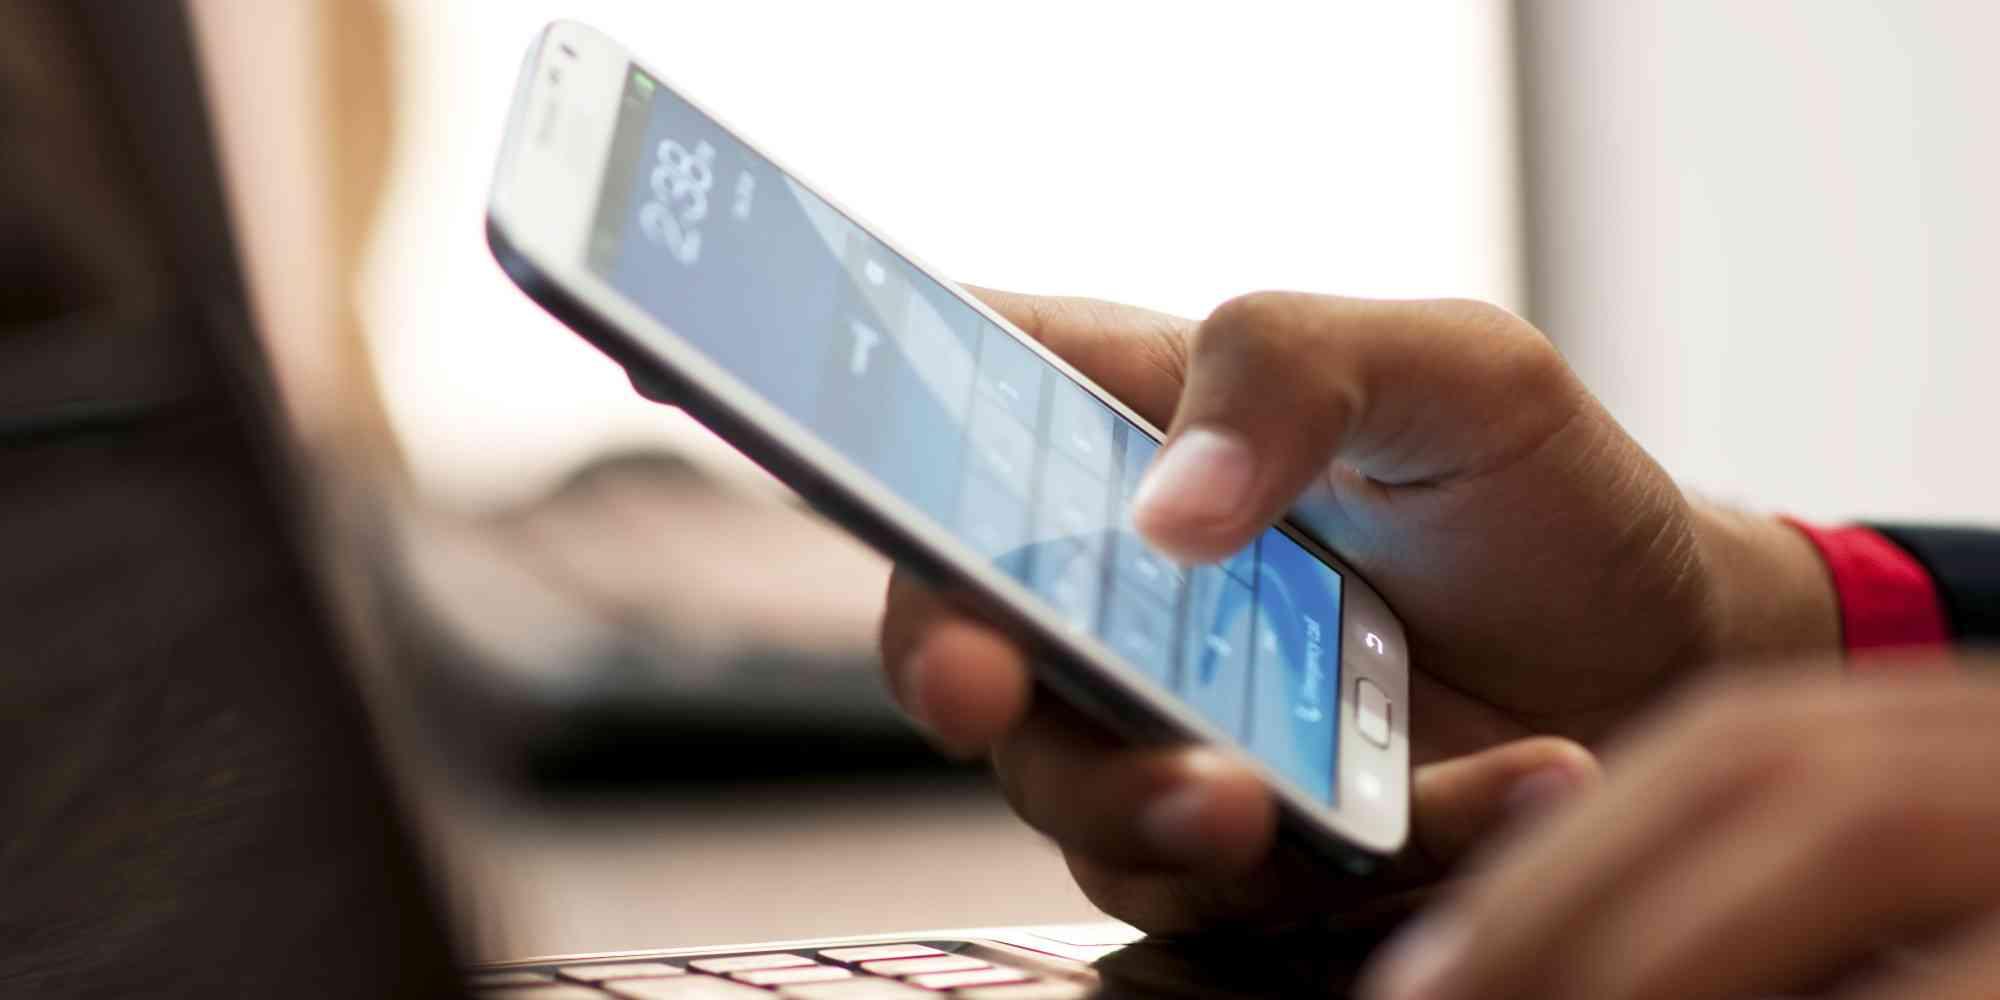 В Україні запрацювала послуга переносу номера телефону: що таке MNP